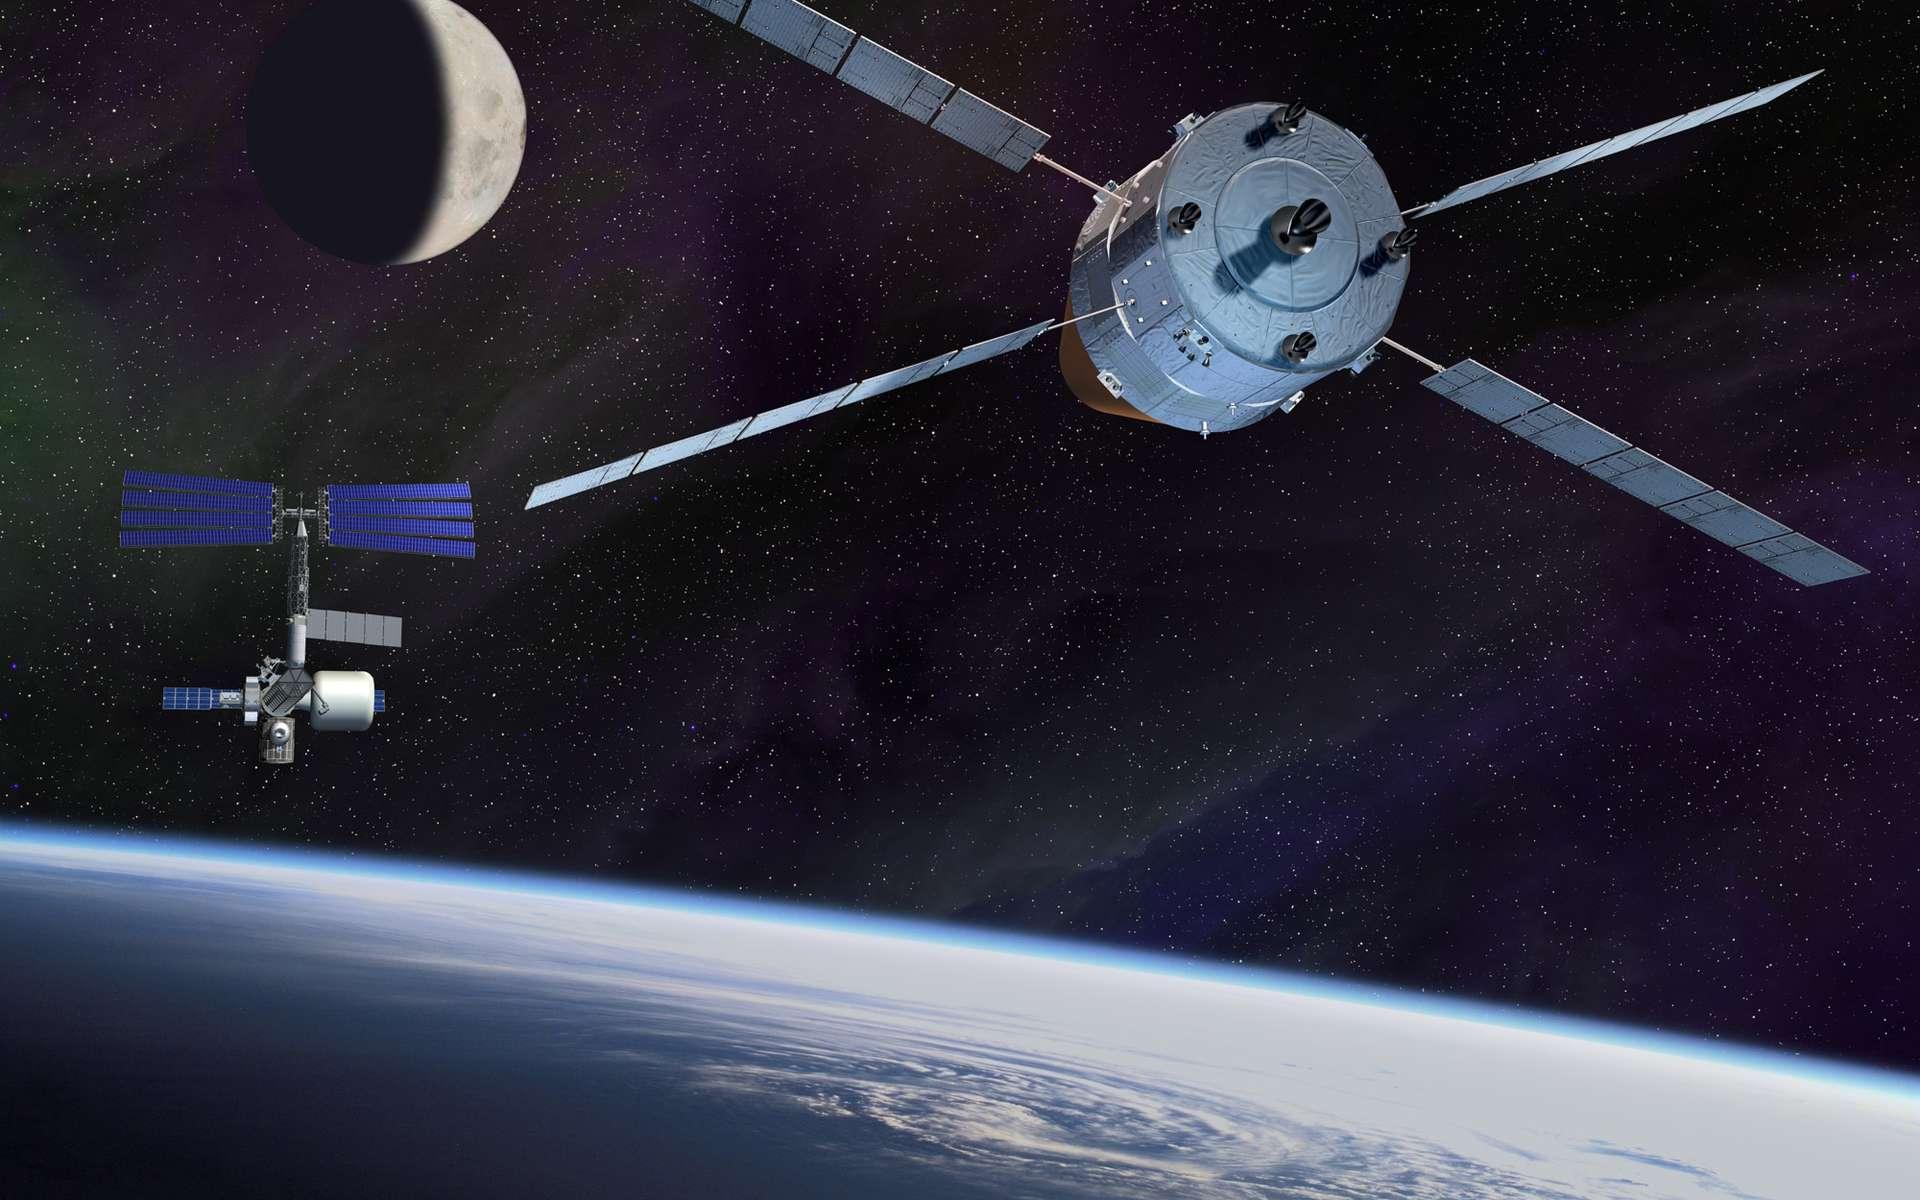 Festival de technologies, l'ATV est un engin automatique qui répond aux normes exigées pour le vol habité. L'Esa, comme le Cnes, veut capitaliser sur ce programme et planche sur des évolutions qui pourraient donner naissance à des programmes de retour d'orbite, de capture d'objets orbitaux ou une participation au futur véhicule spatial de la Nasa. © Esa